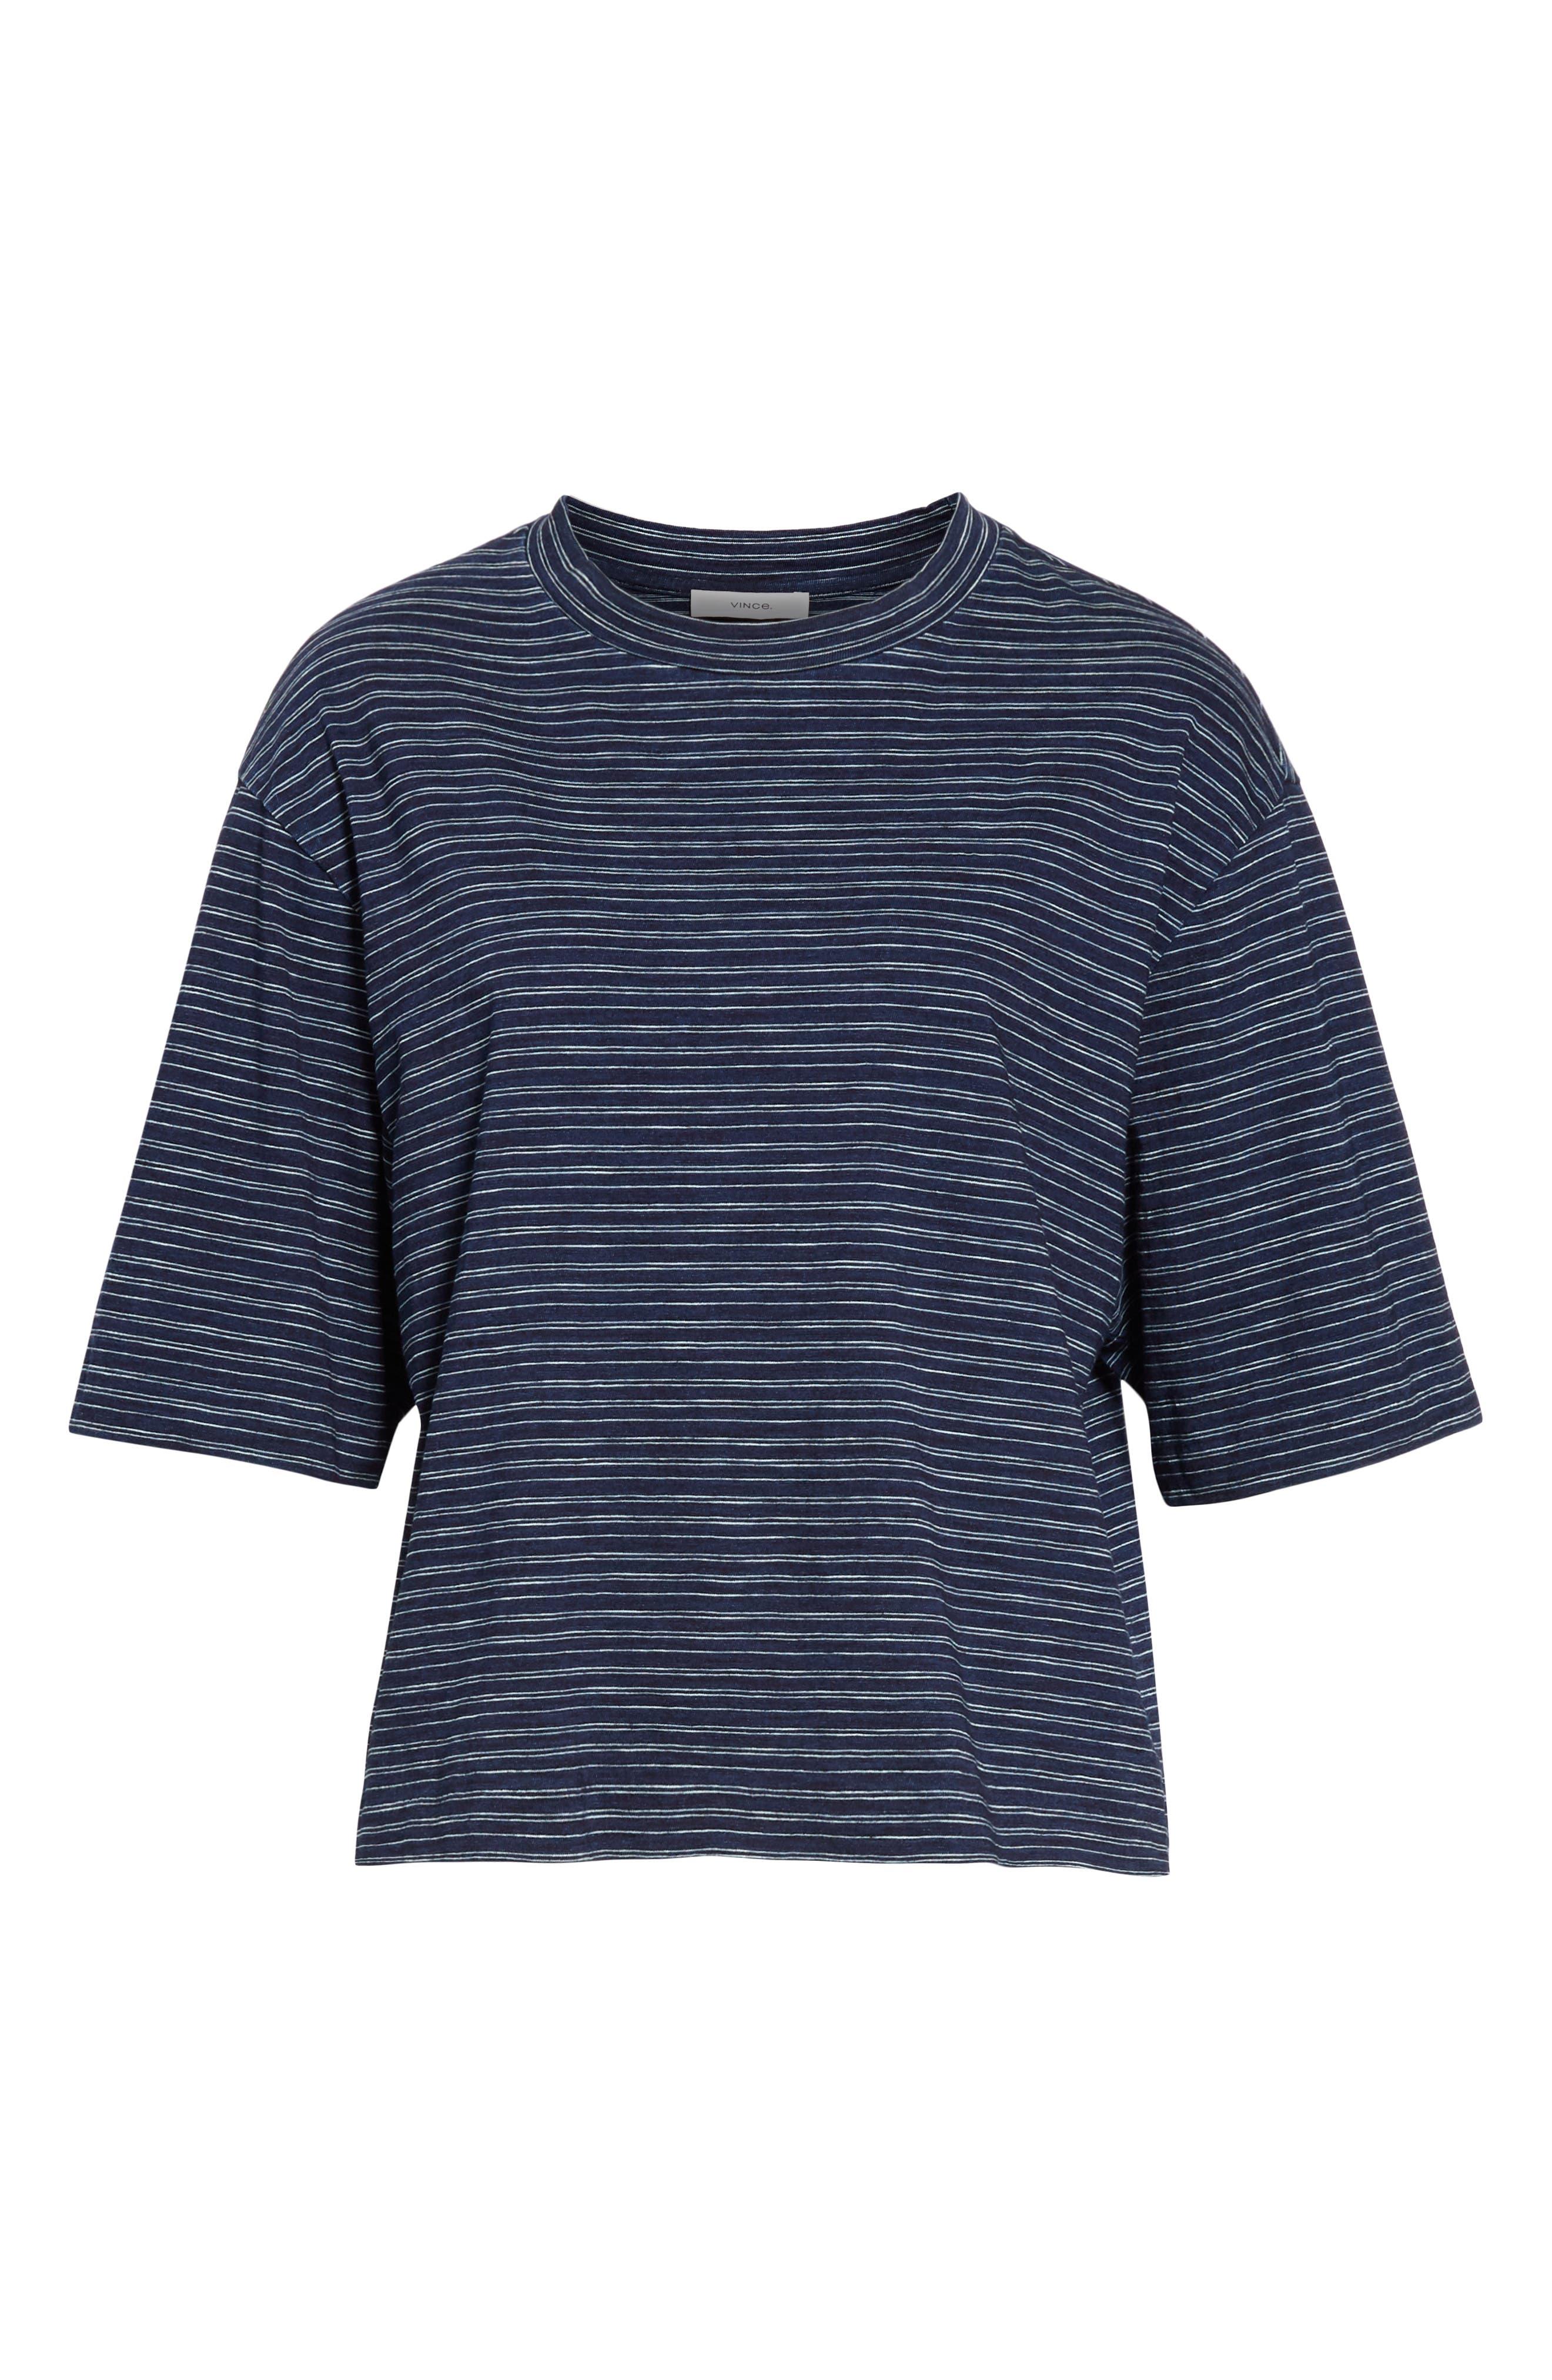 Indigo Stripe Wide Sleeve Tee,                             Alternate thumbnail 6, color,                             INDIGO/ OFF WHITE